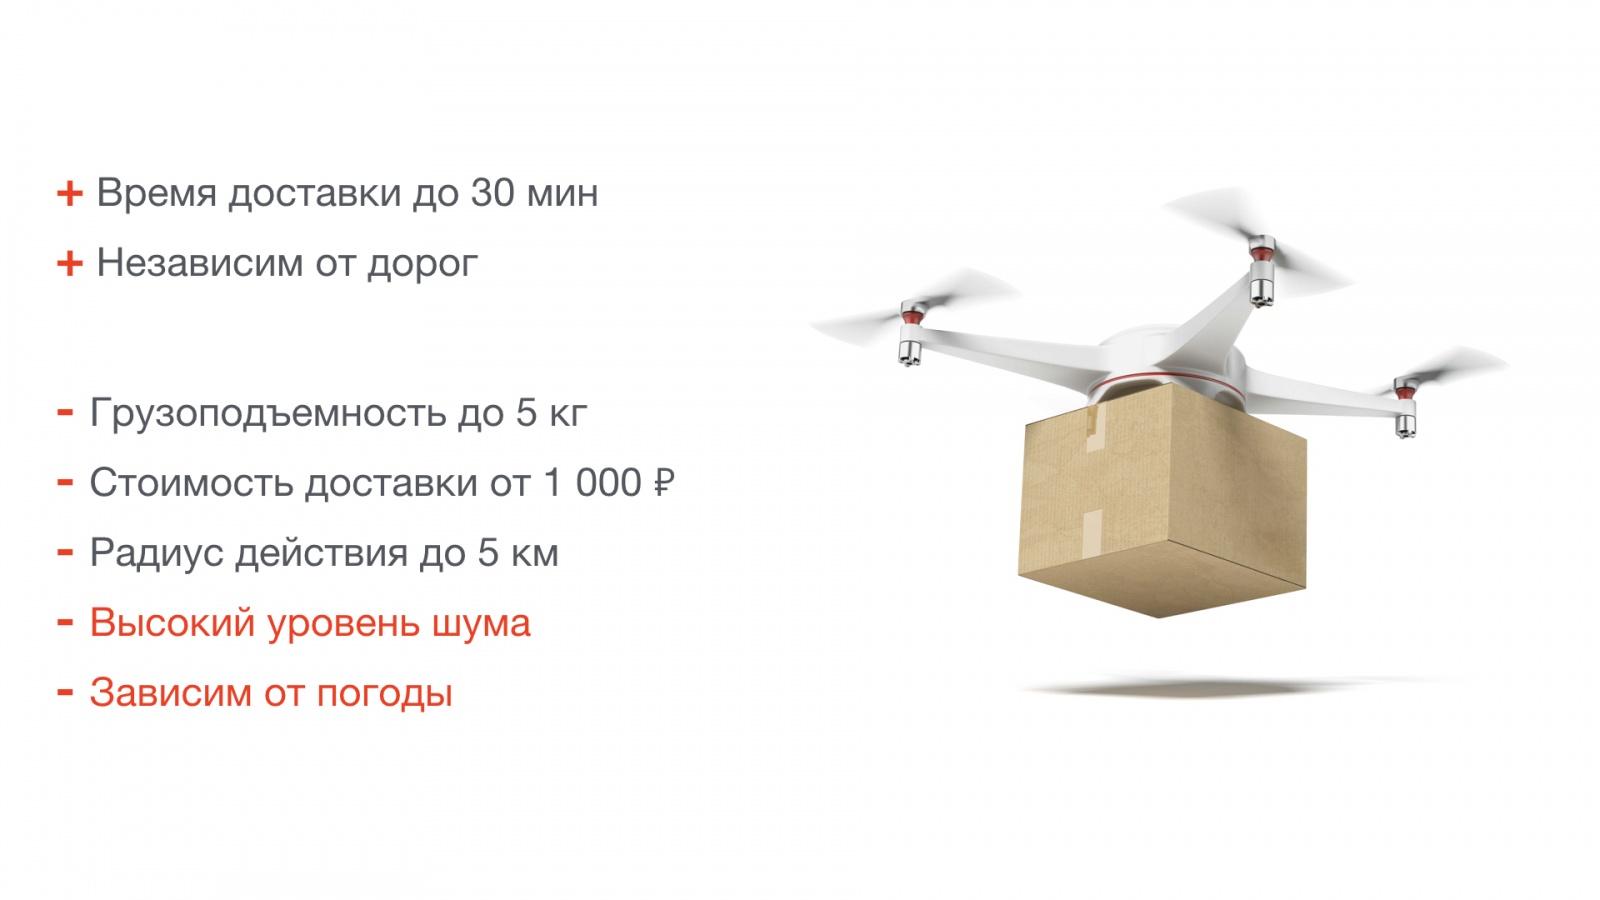 Робот-курьер — доставка за 30 минут, или как в России построить будущее - 3